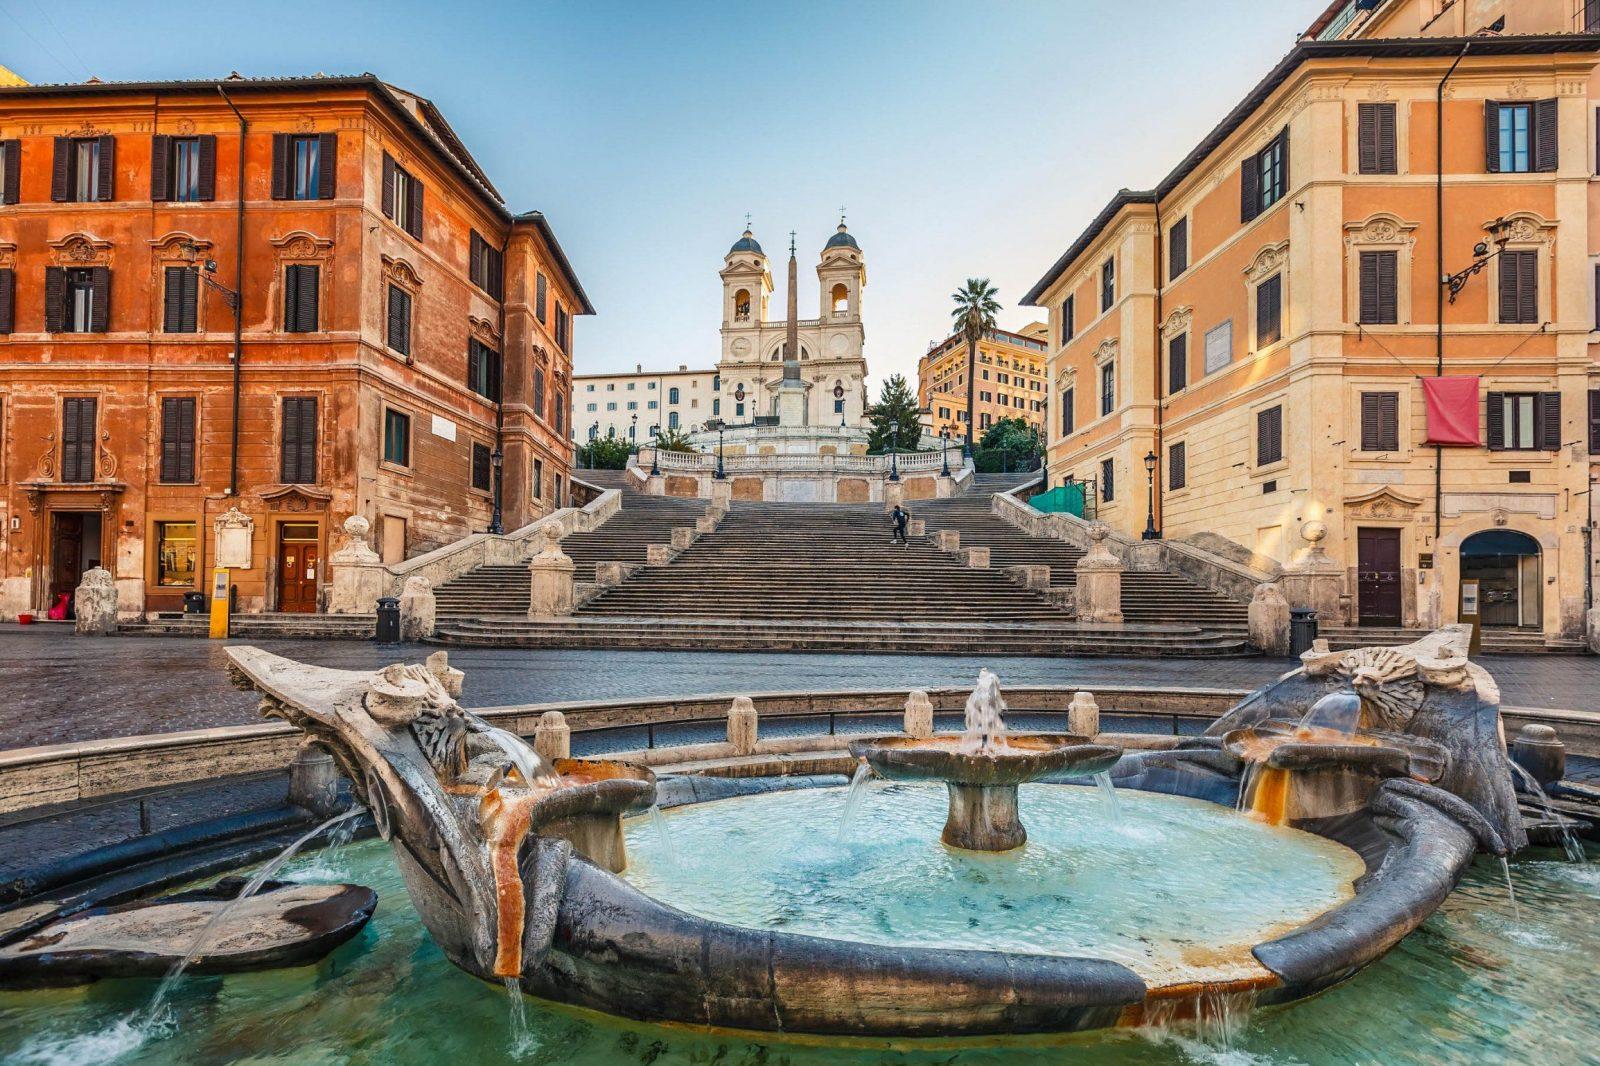 Die Top 10 Sehenswürdigkeiten In Rom  Urlaubsguruat von Spanische Treppe Rom Gesperrt Bild